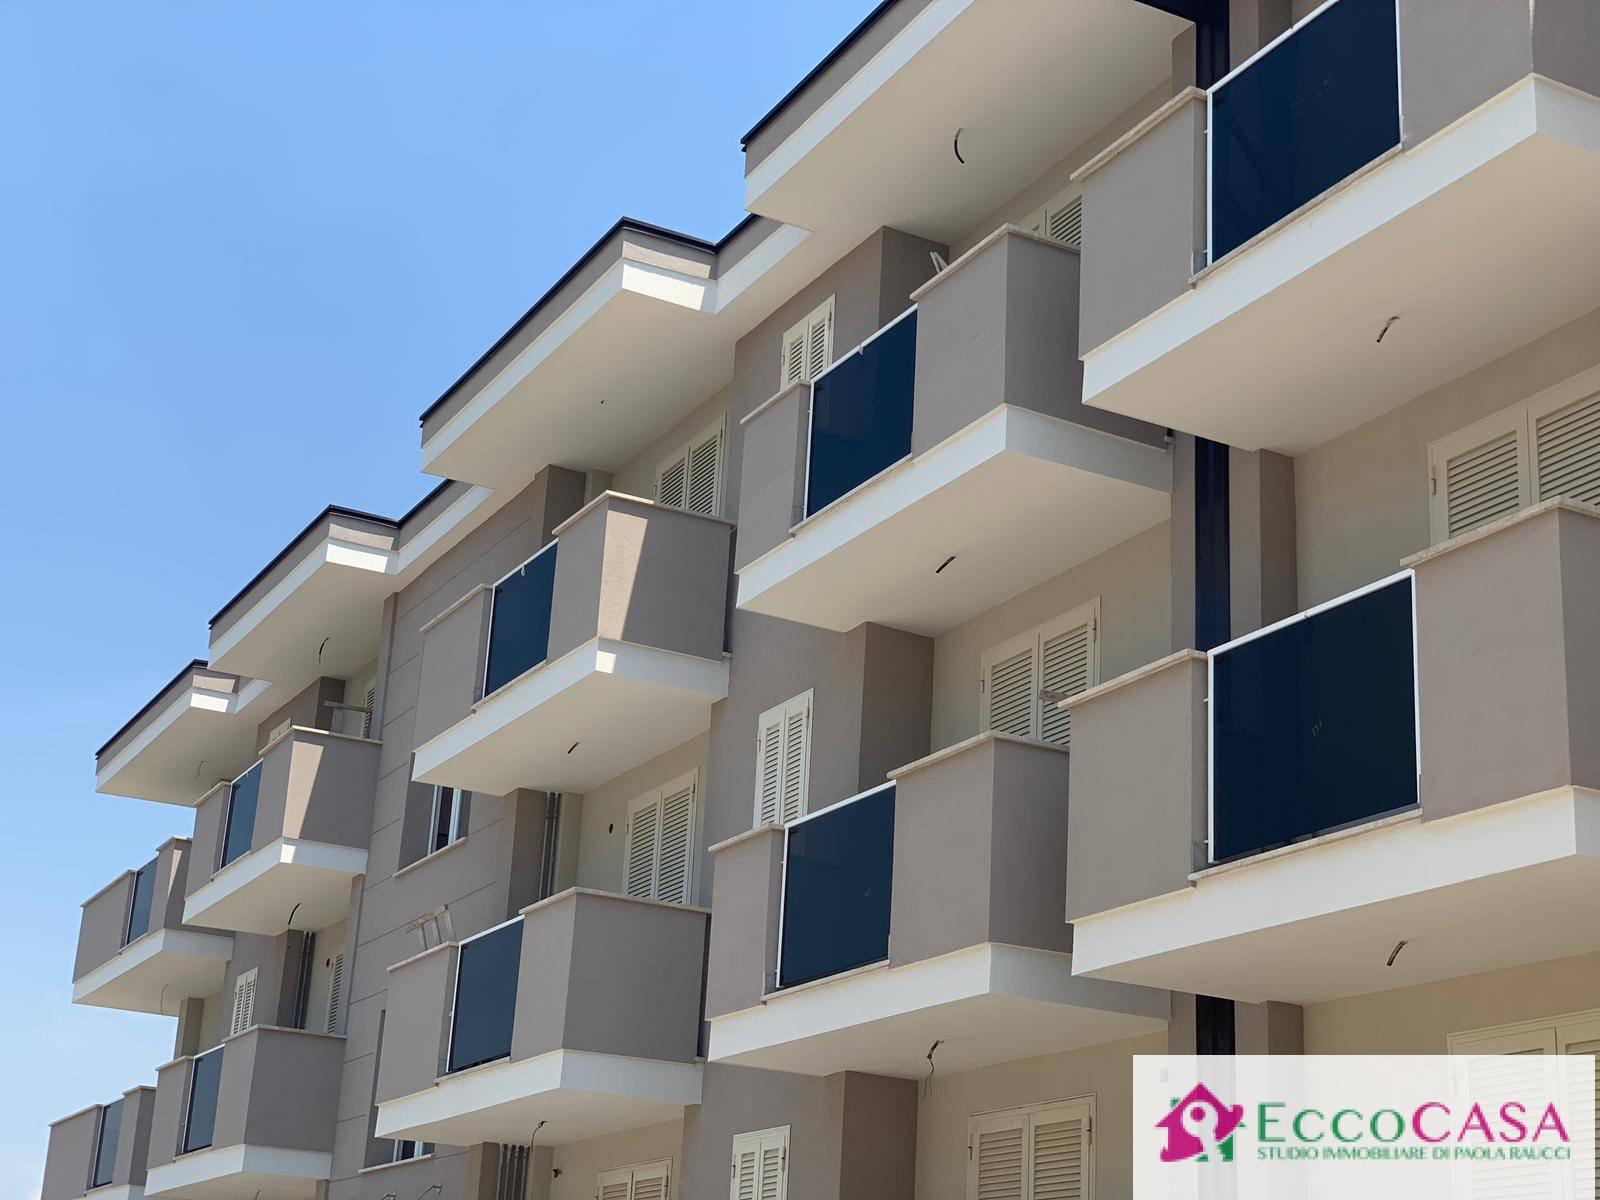 Appartamento in vendita a Maddaloni, 3 locali, prezzo € 166.500   CambioCasa.it